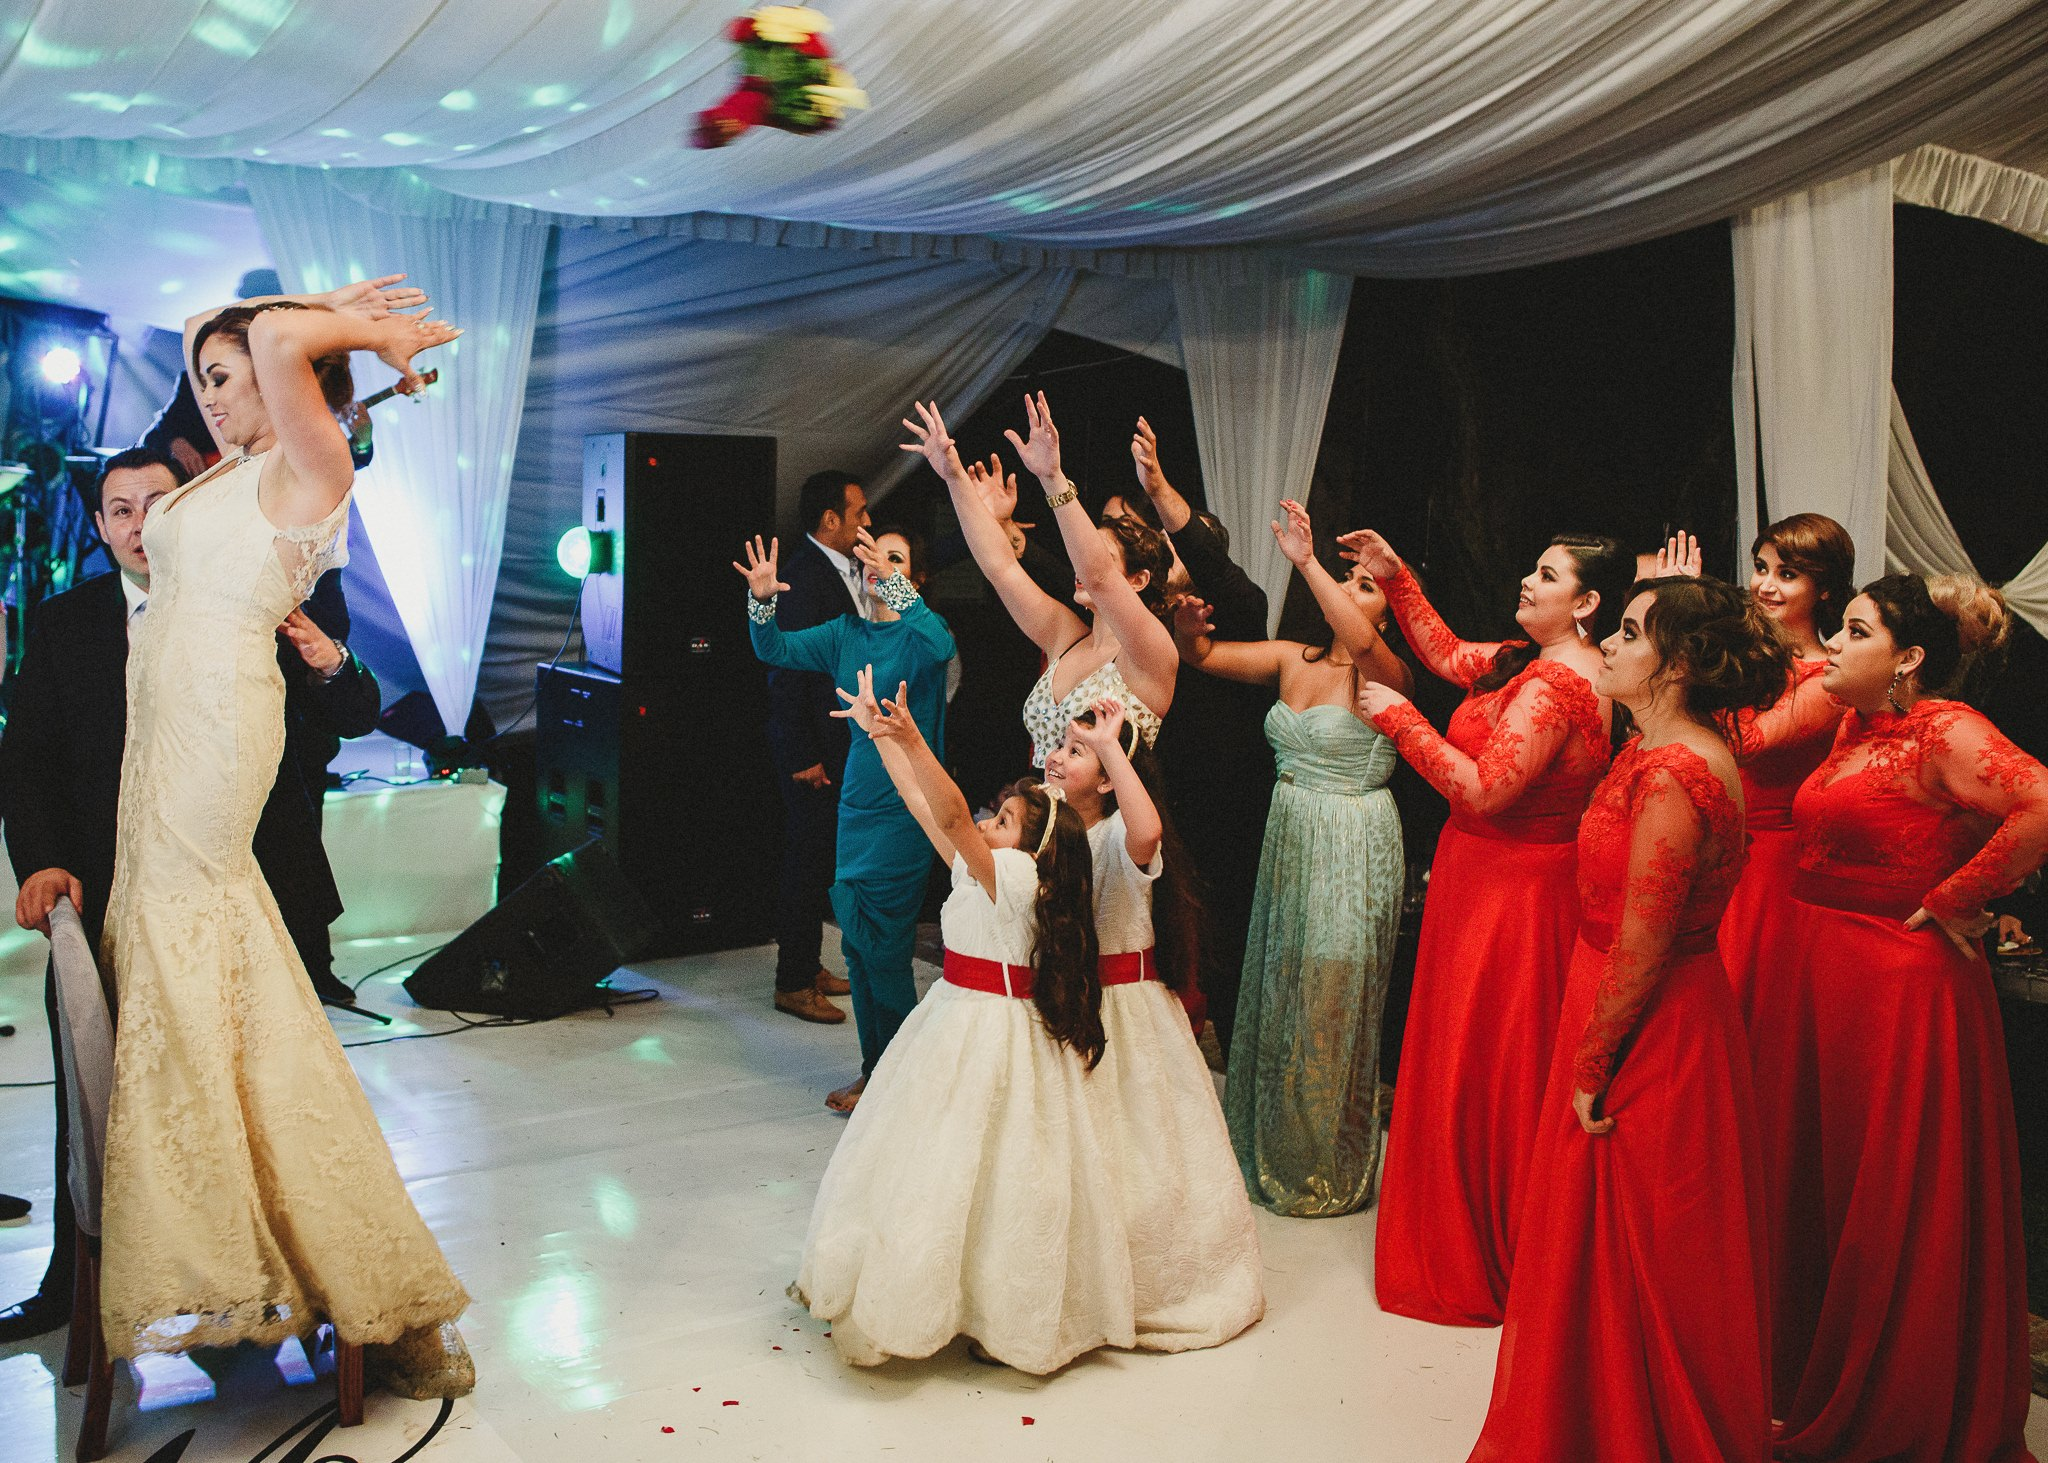 03boda-en-jardin-wedding-hacienda-los-cuartos-fotografo-luis-houdin129